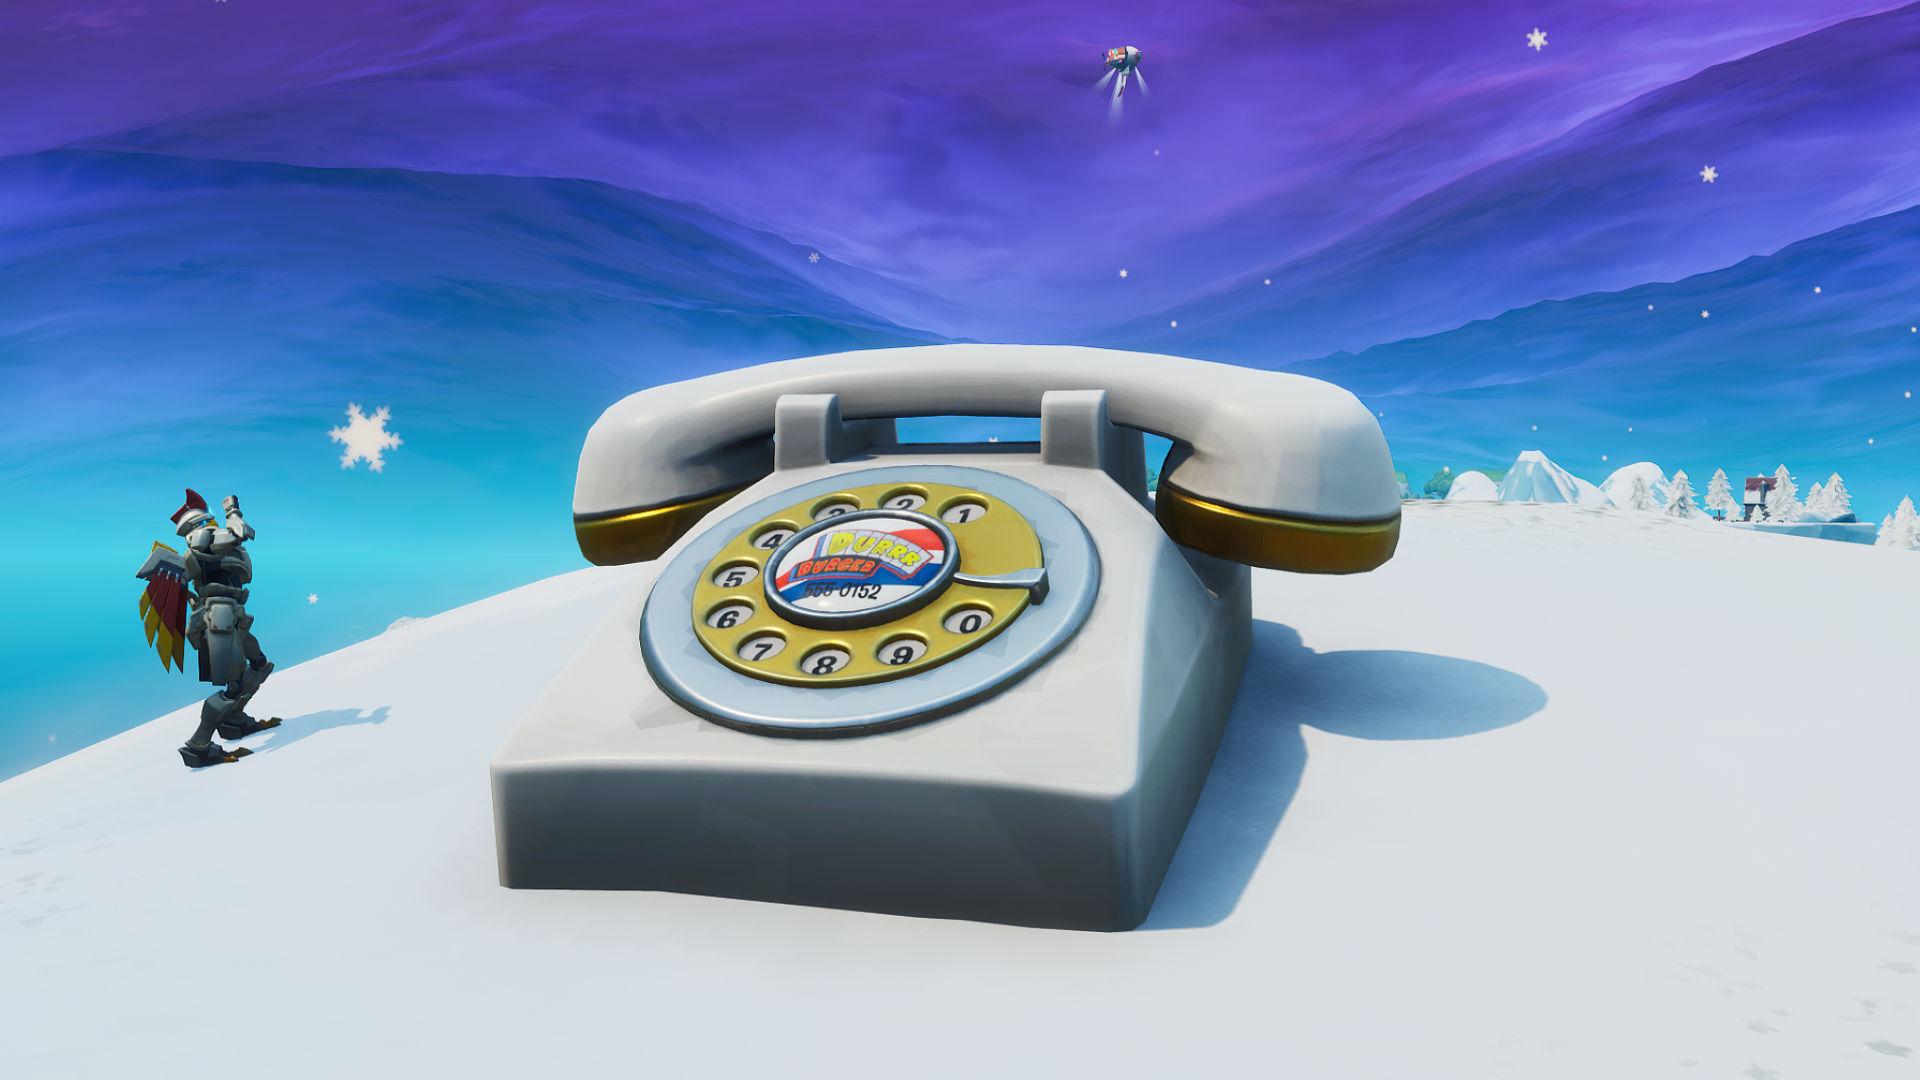 fortnite oversized phone - big telephone fortnite map